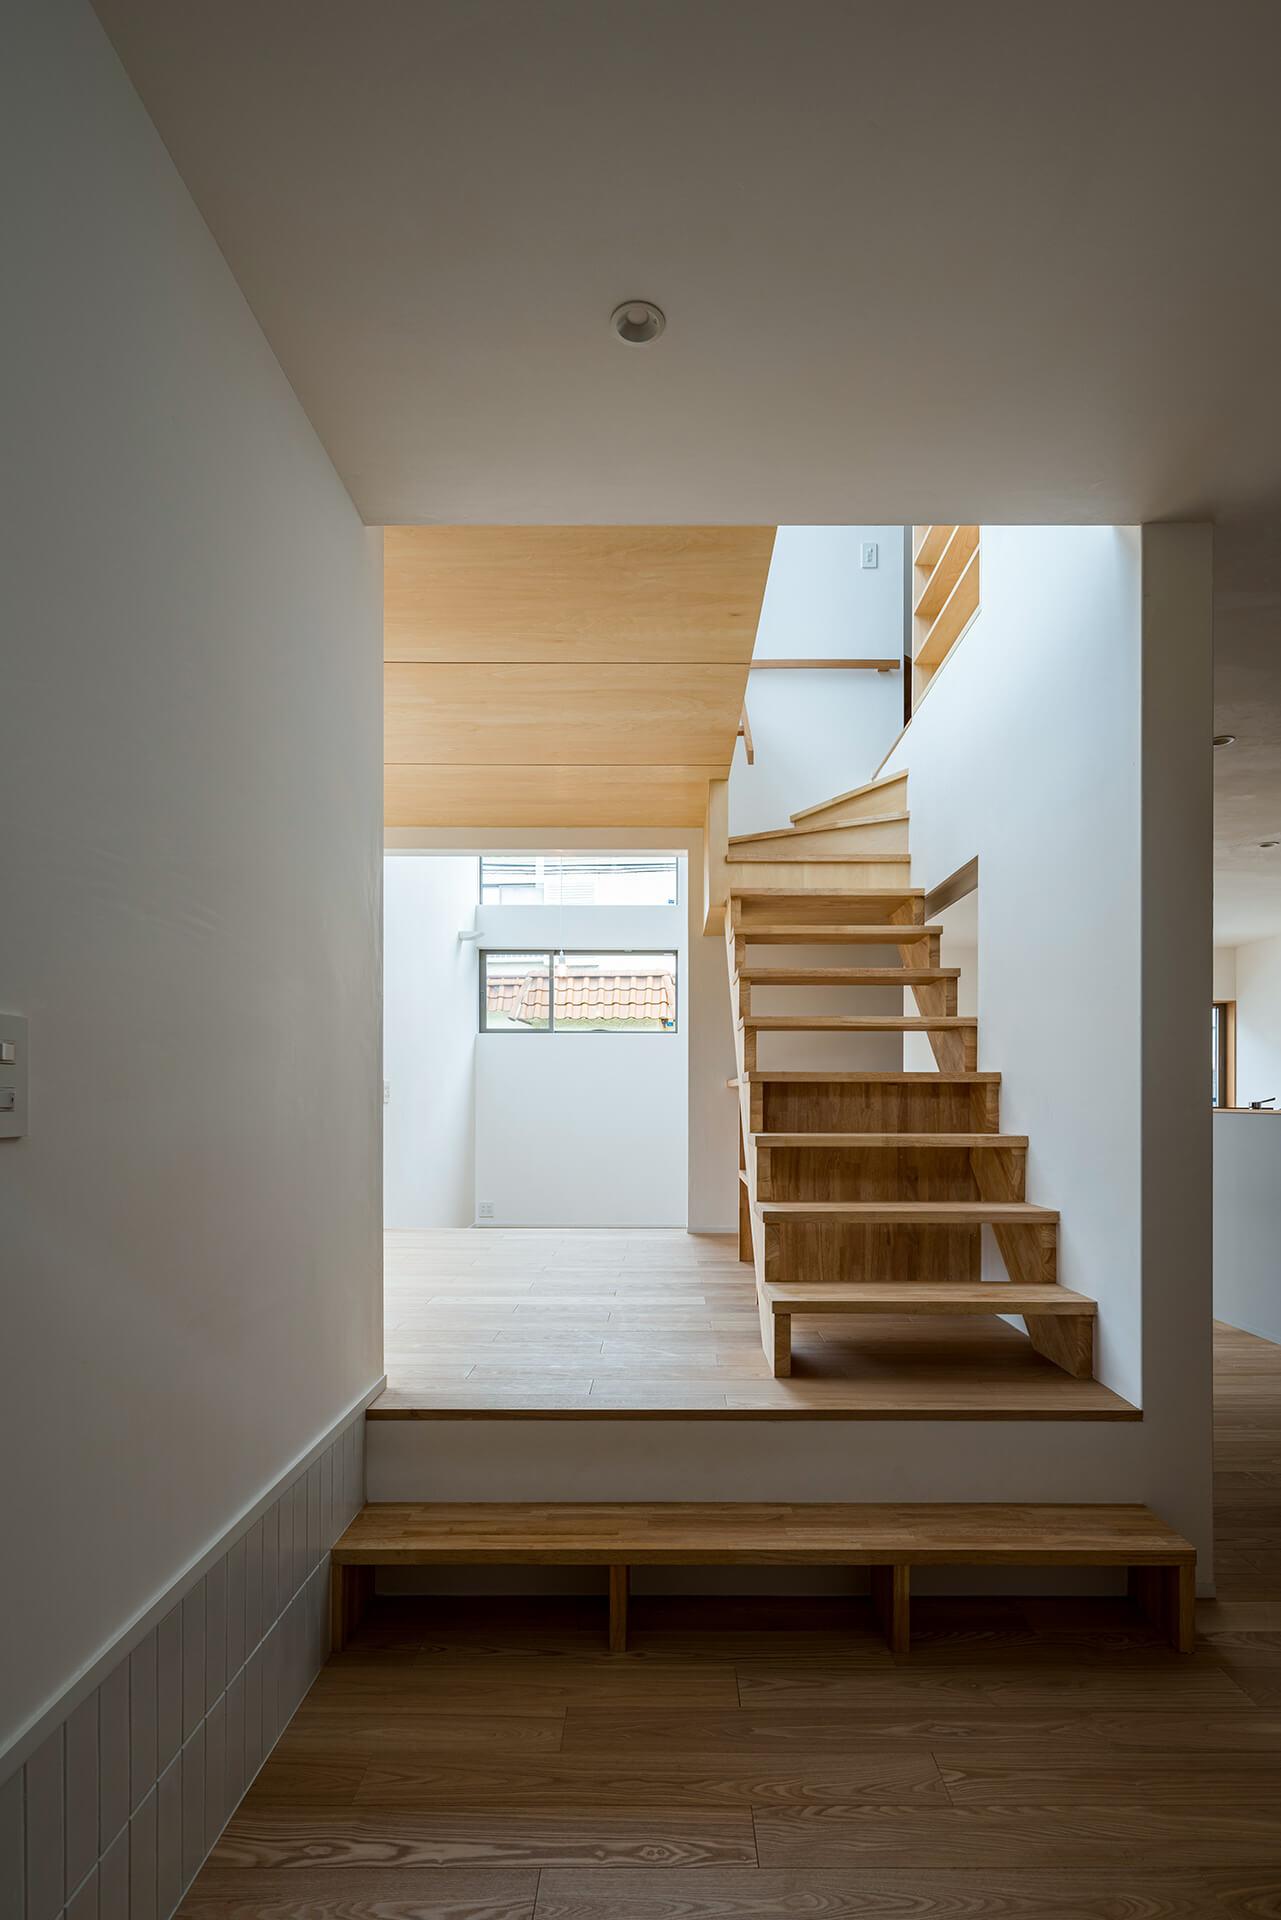 狛江S邸 玄関土間から階段のあるリビング上方向